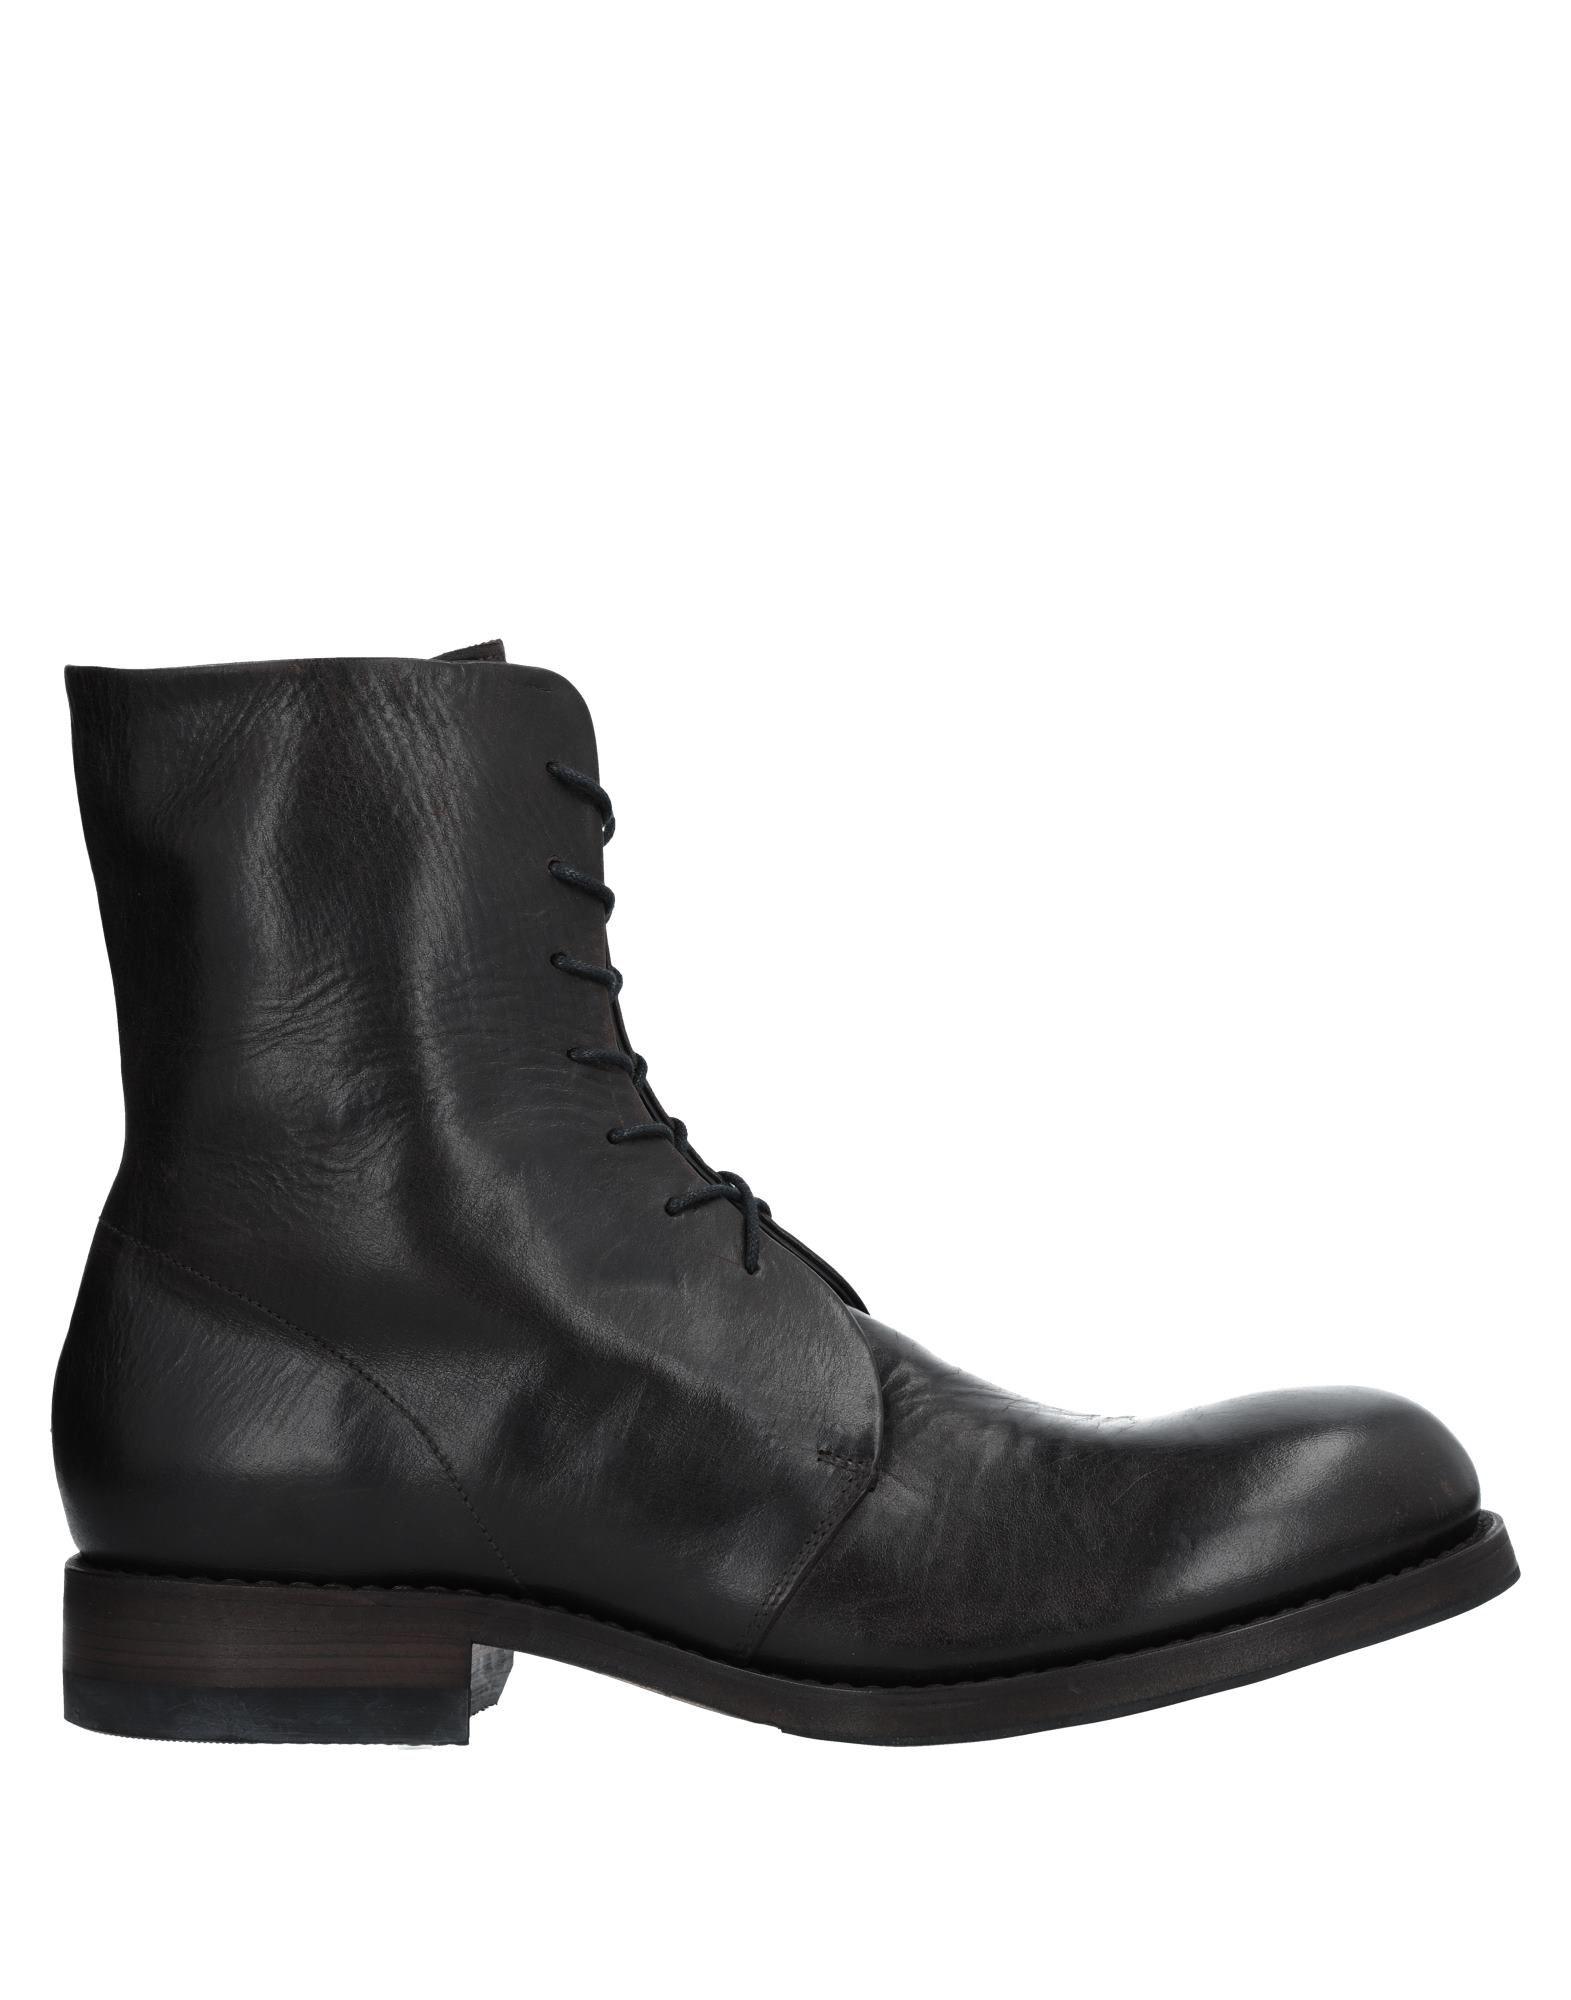 Premiata Stiefelette Herren  11530610XO Gute Qualität beliebte Schuhe